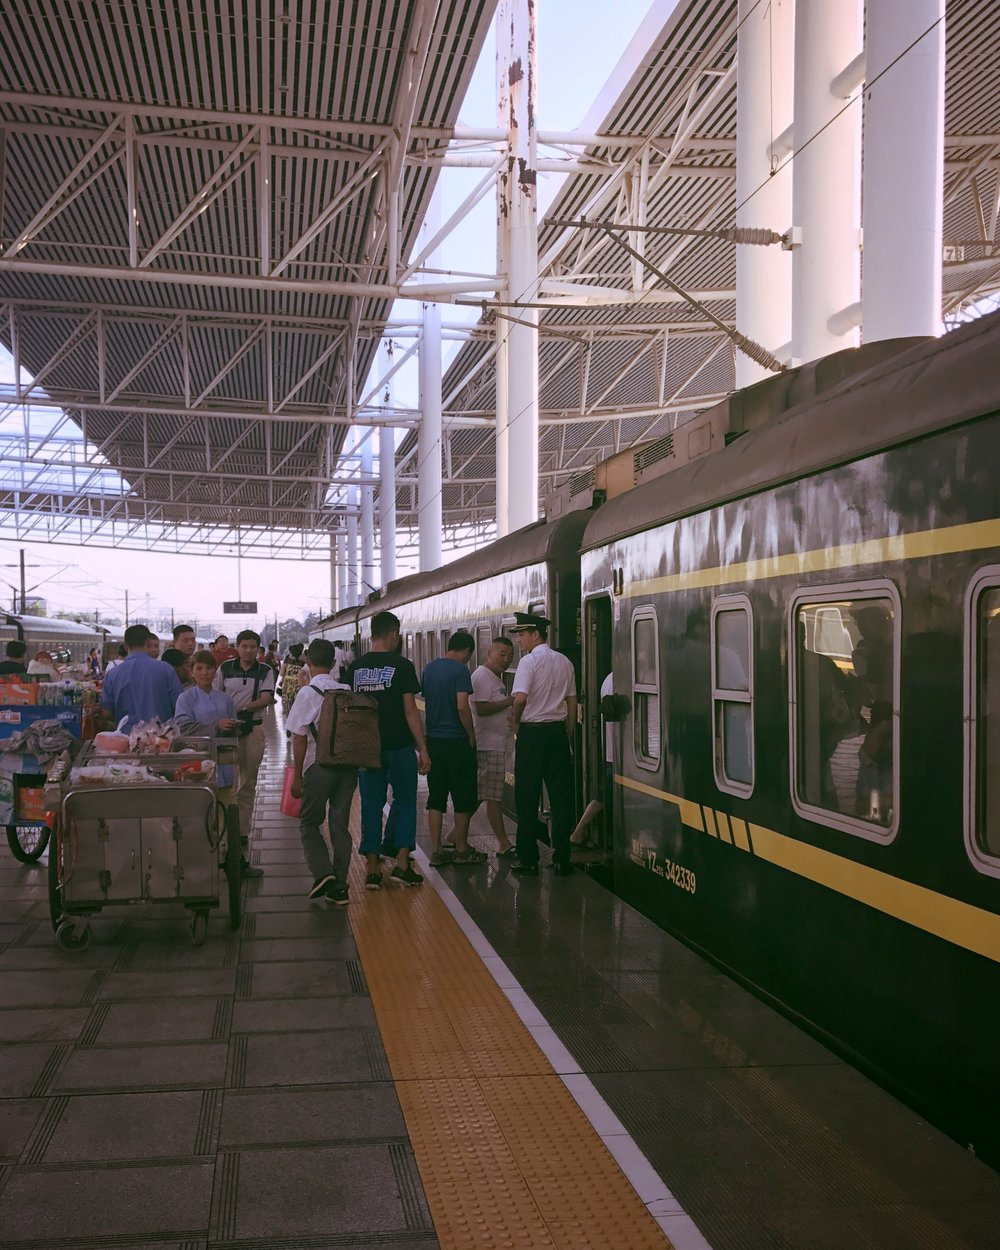 JIUJIANG RAILWAY STATION